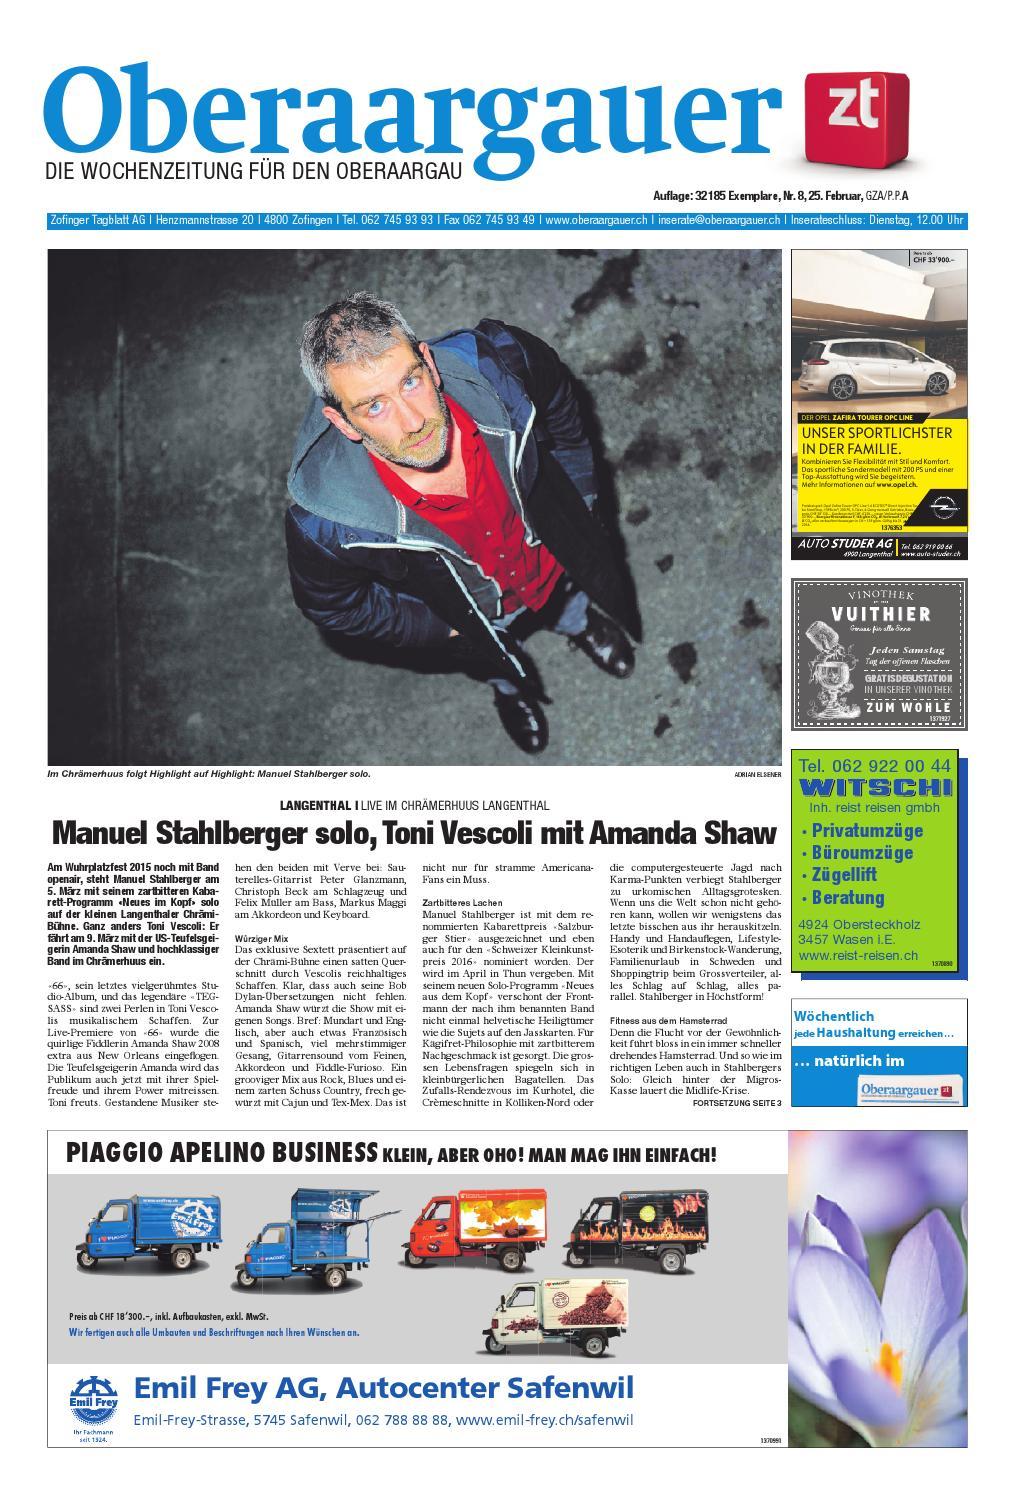 Oberaargauer 0816 by ZT Medien AG issuu